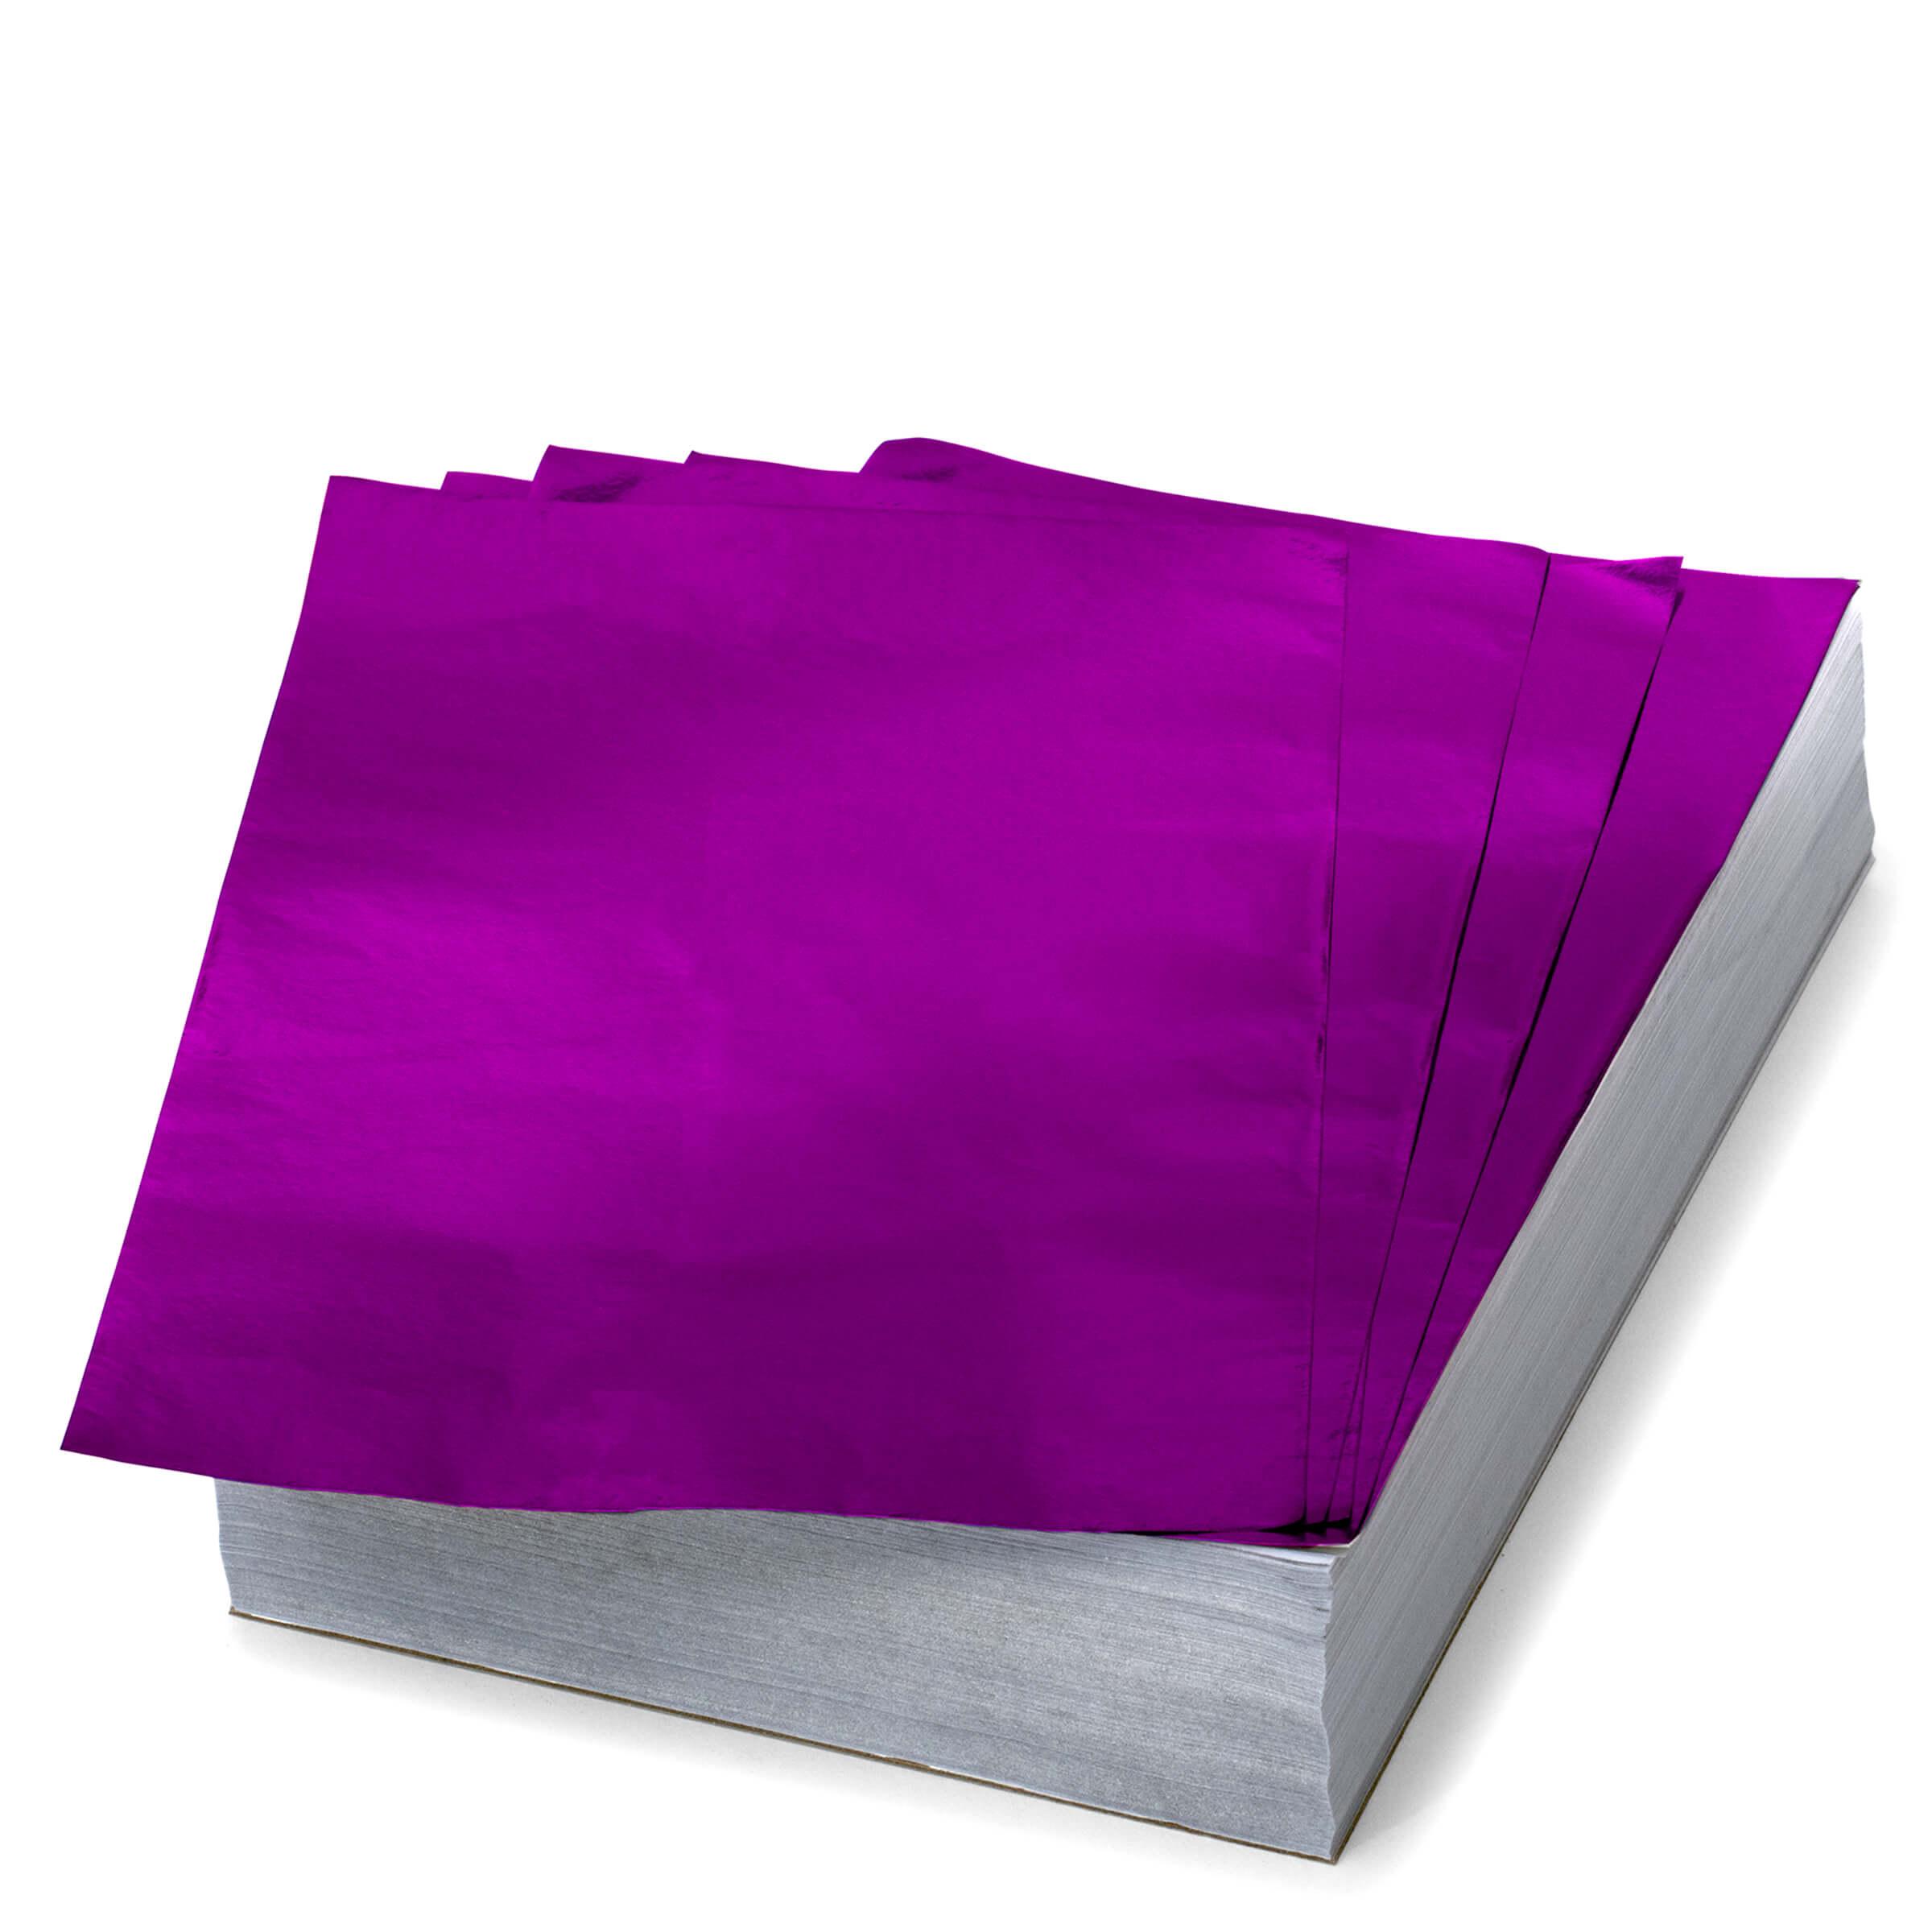 AL-58-45P-a-5x8-smooth-foil-x-light-purple-l.jpg